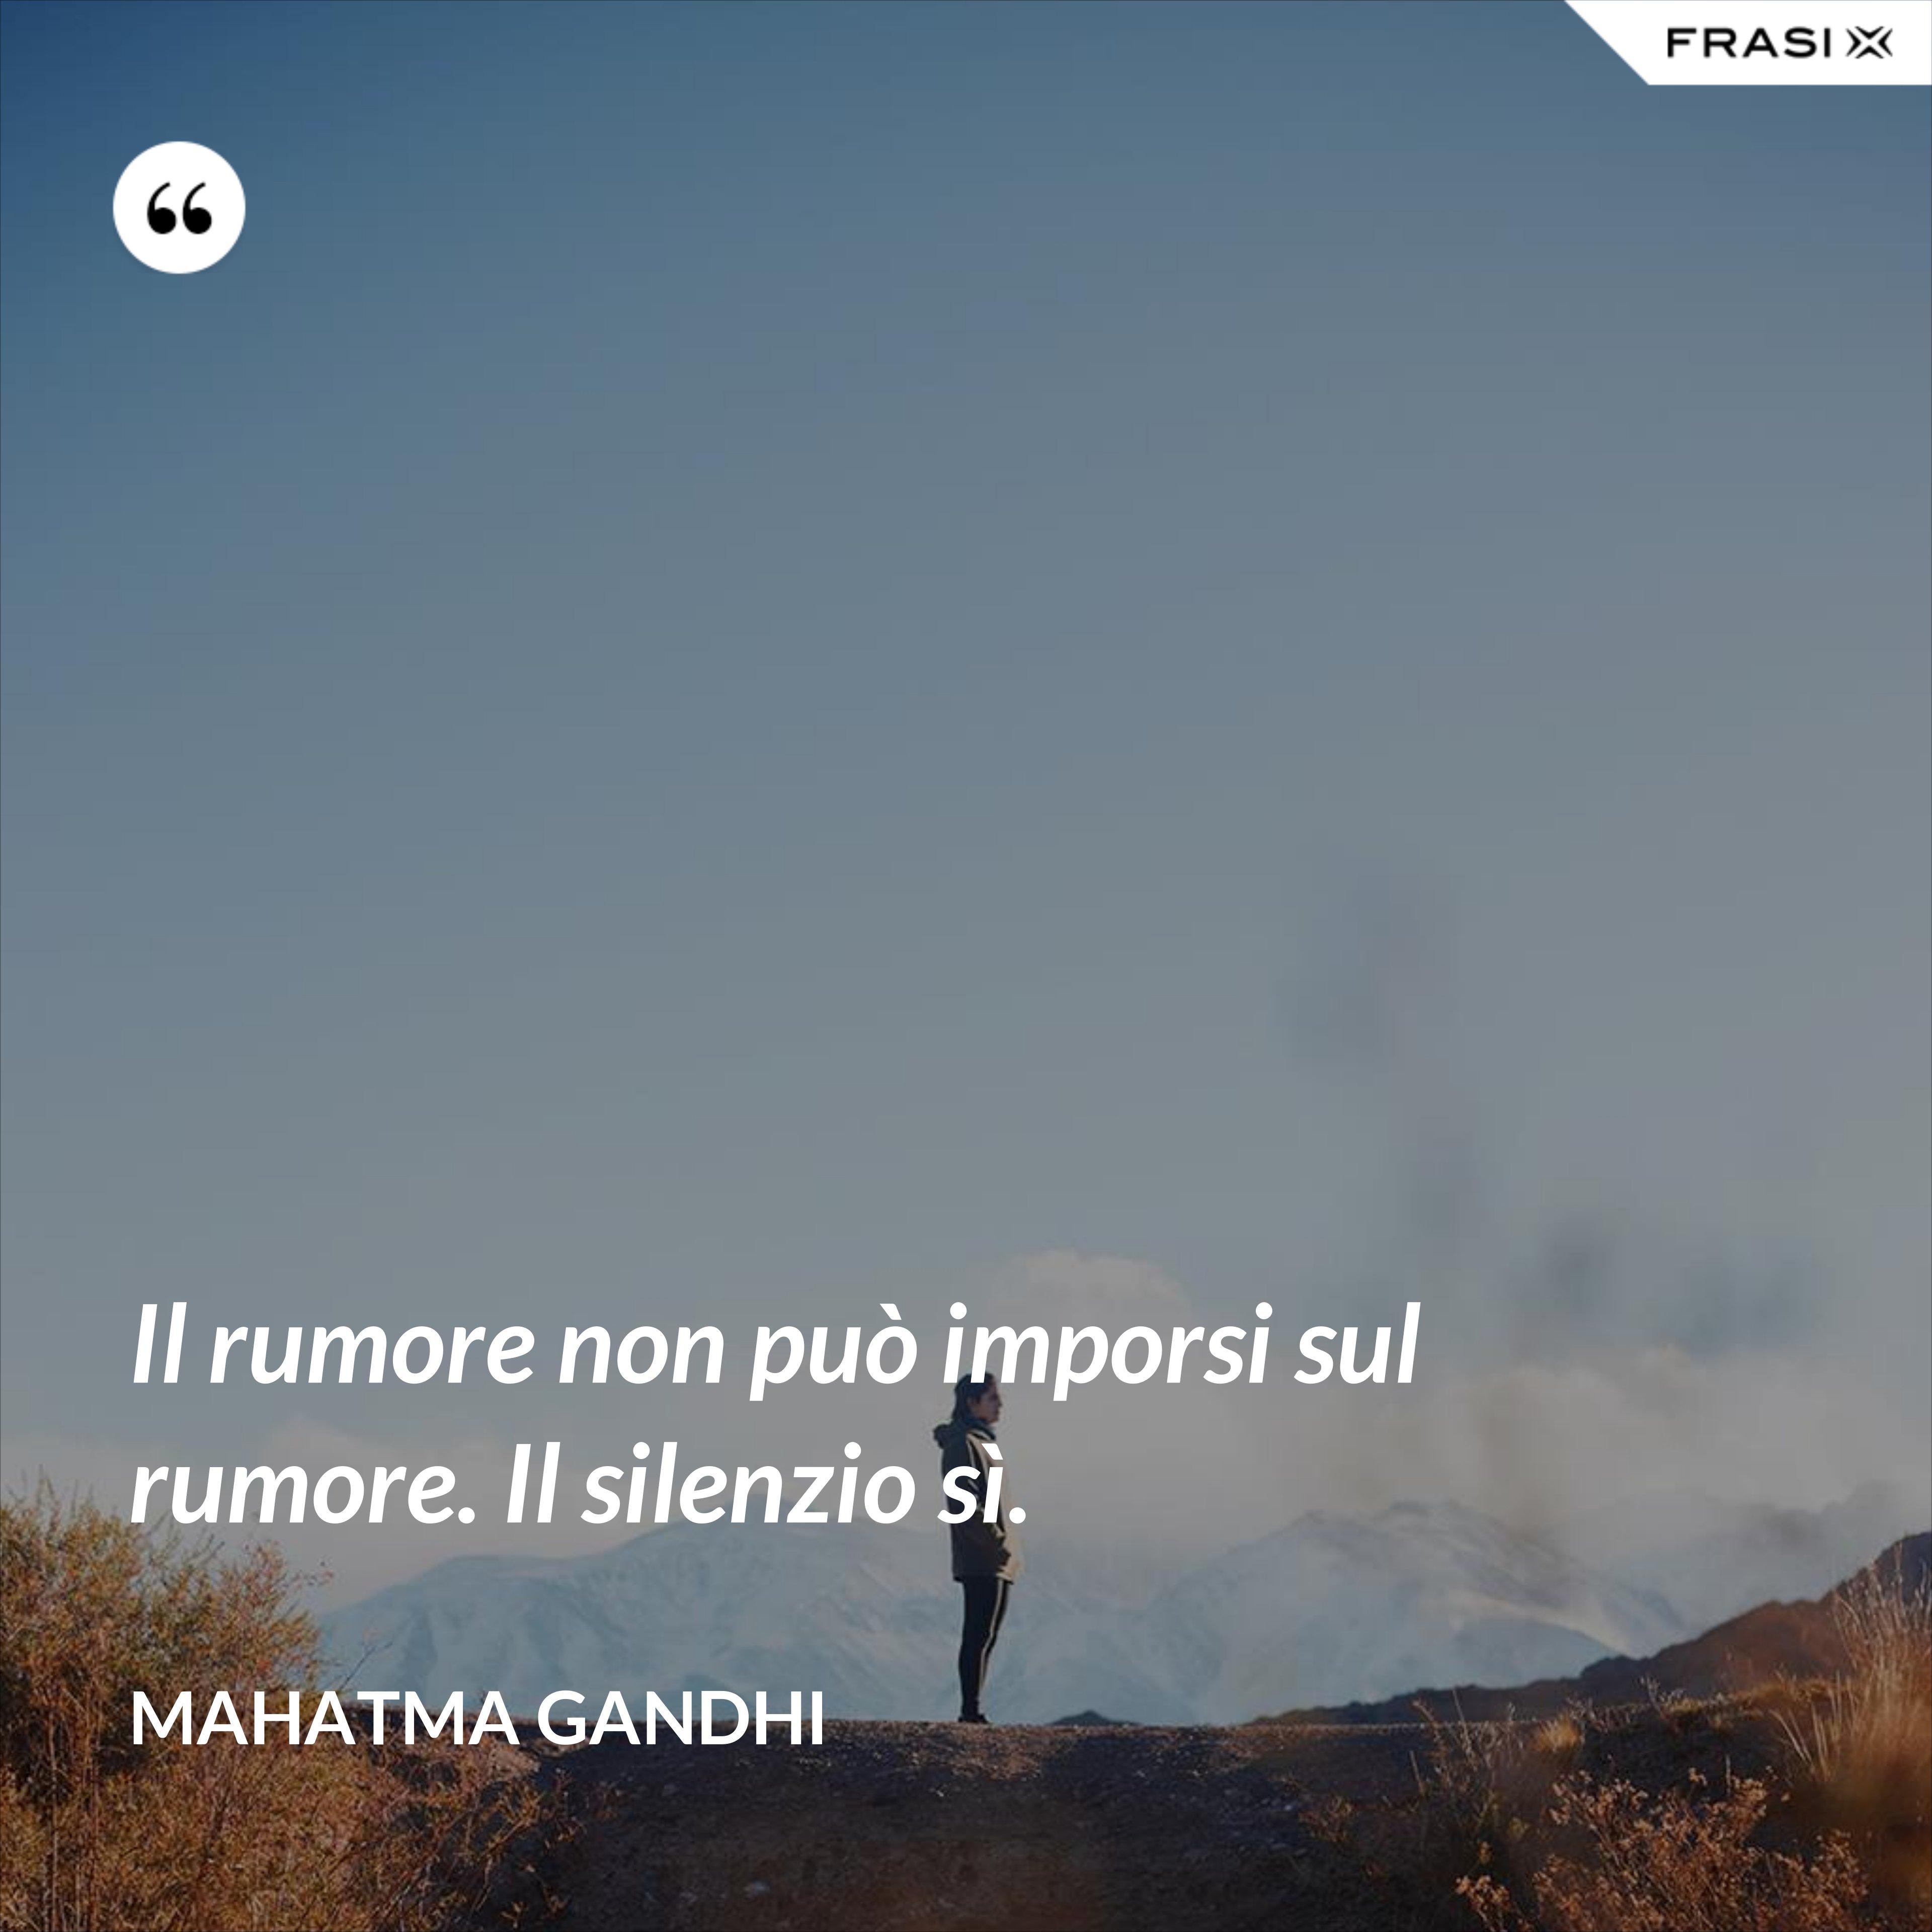 Il rumore non può imporsi sul rumore. Il silenzio sì. - Mahatma Gandhi